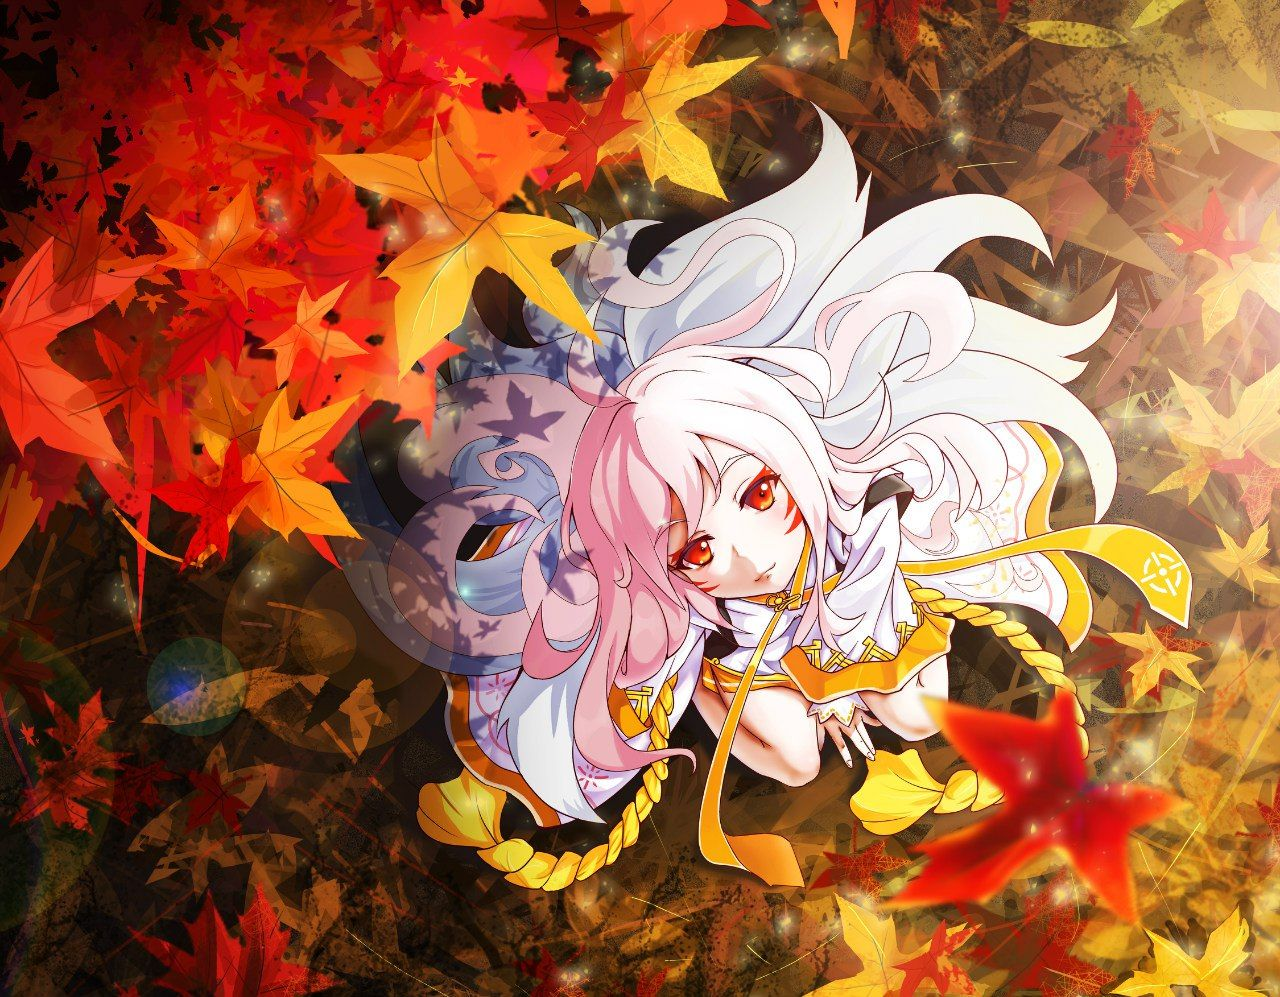 anistar.me/anime/